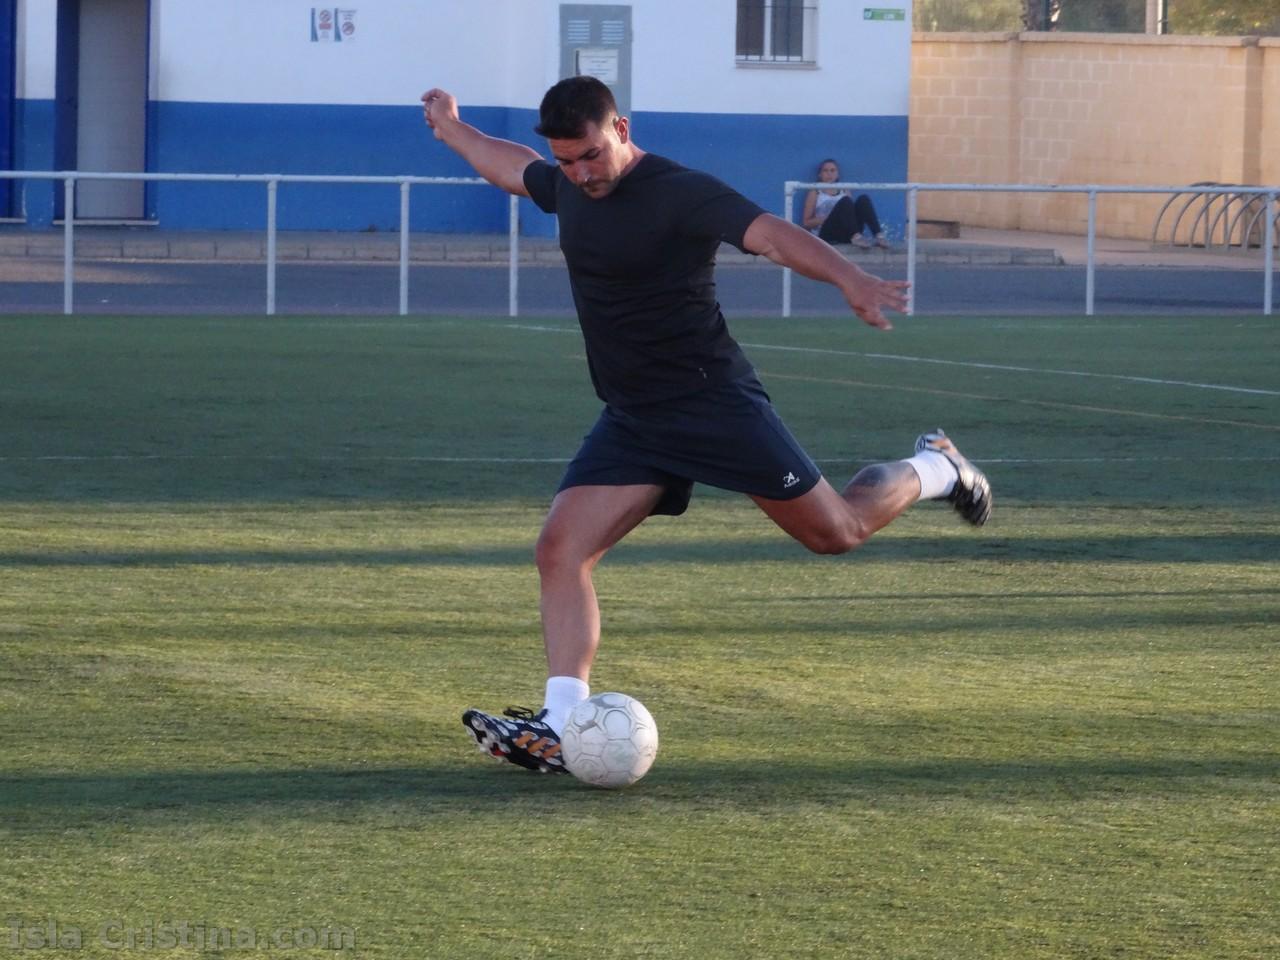 Festival de goles en el Campeonato de Verano de fútbol 7 en Isla Cristina